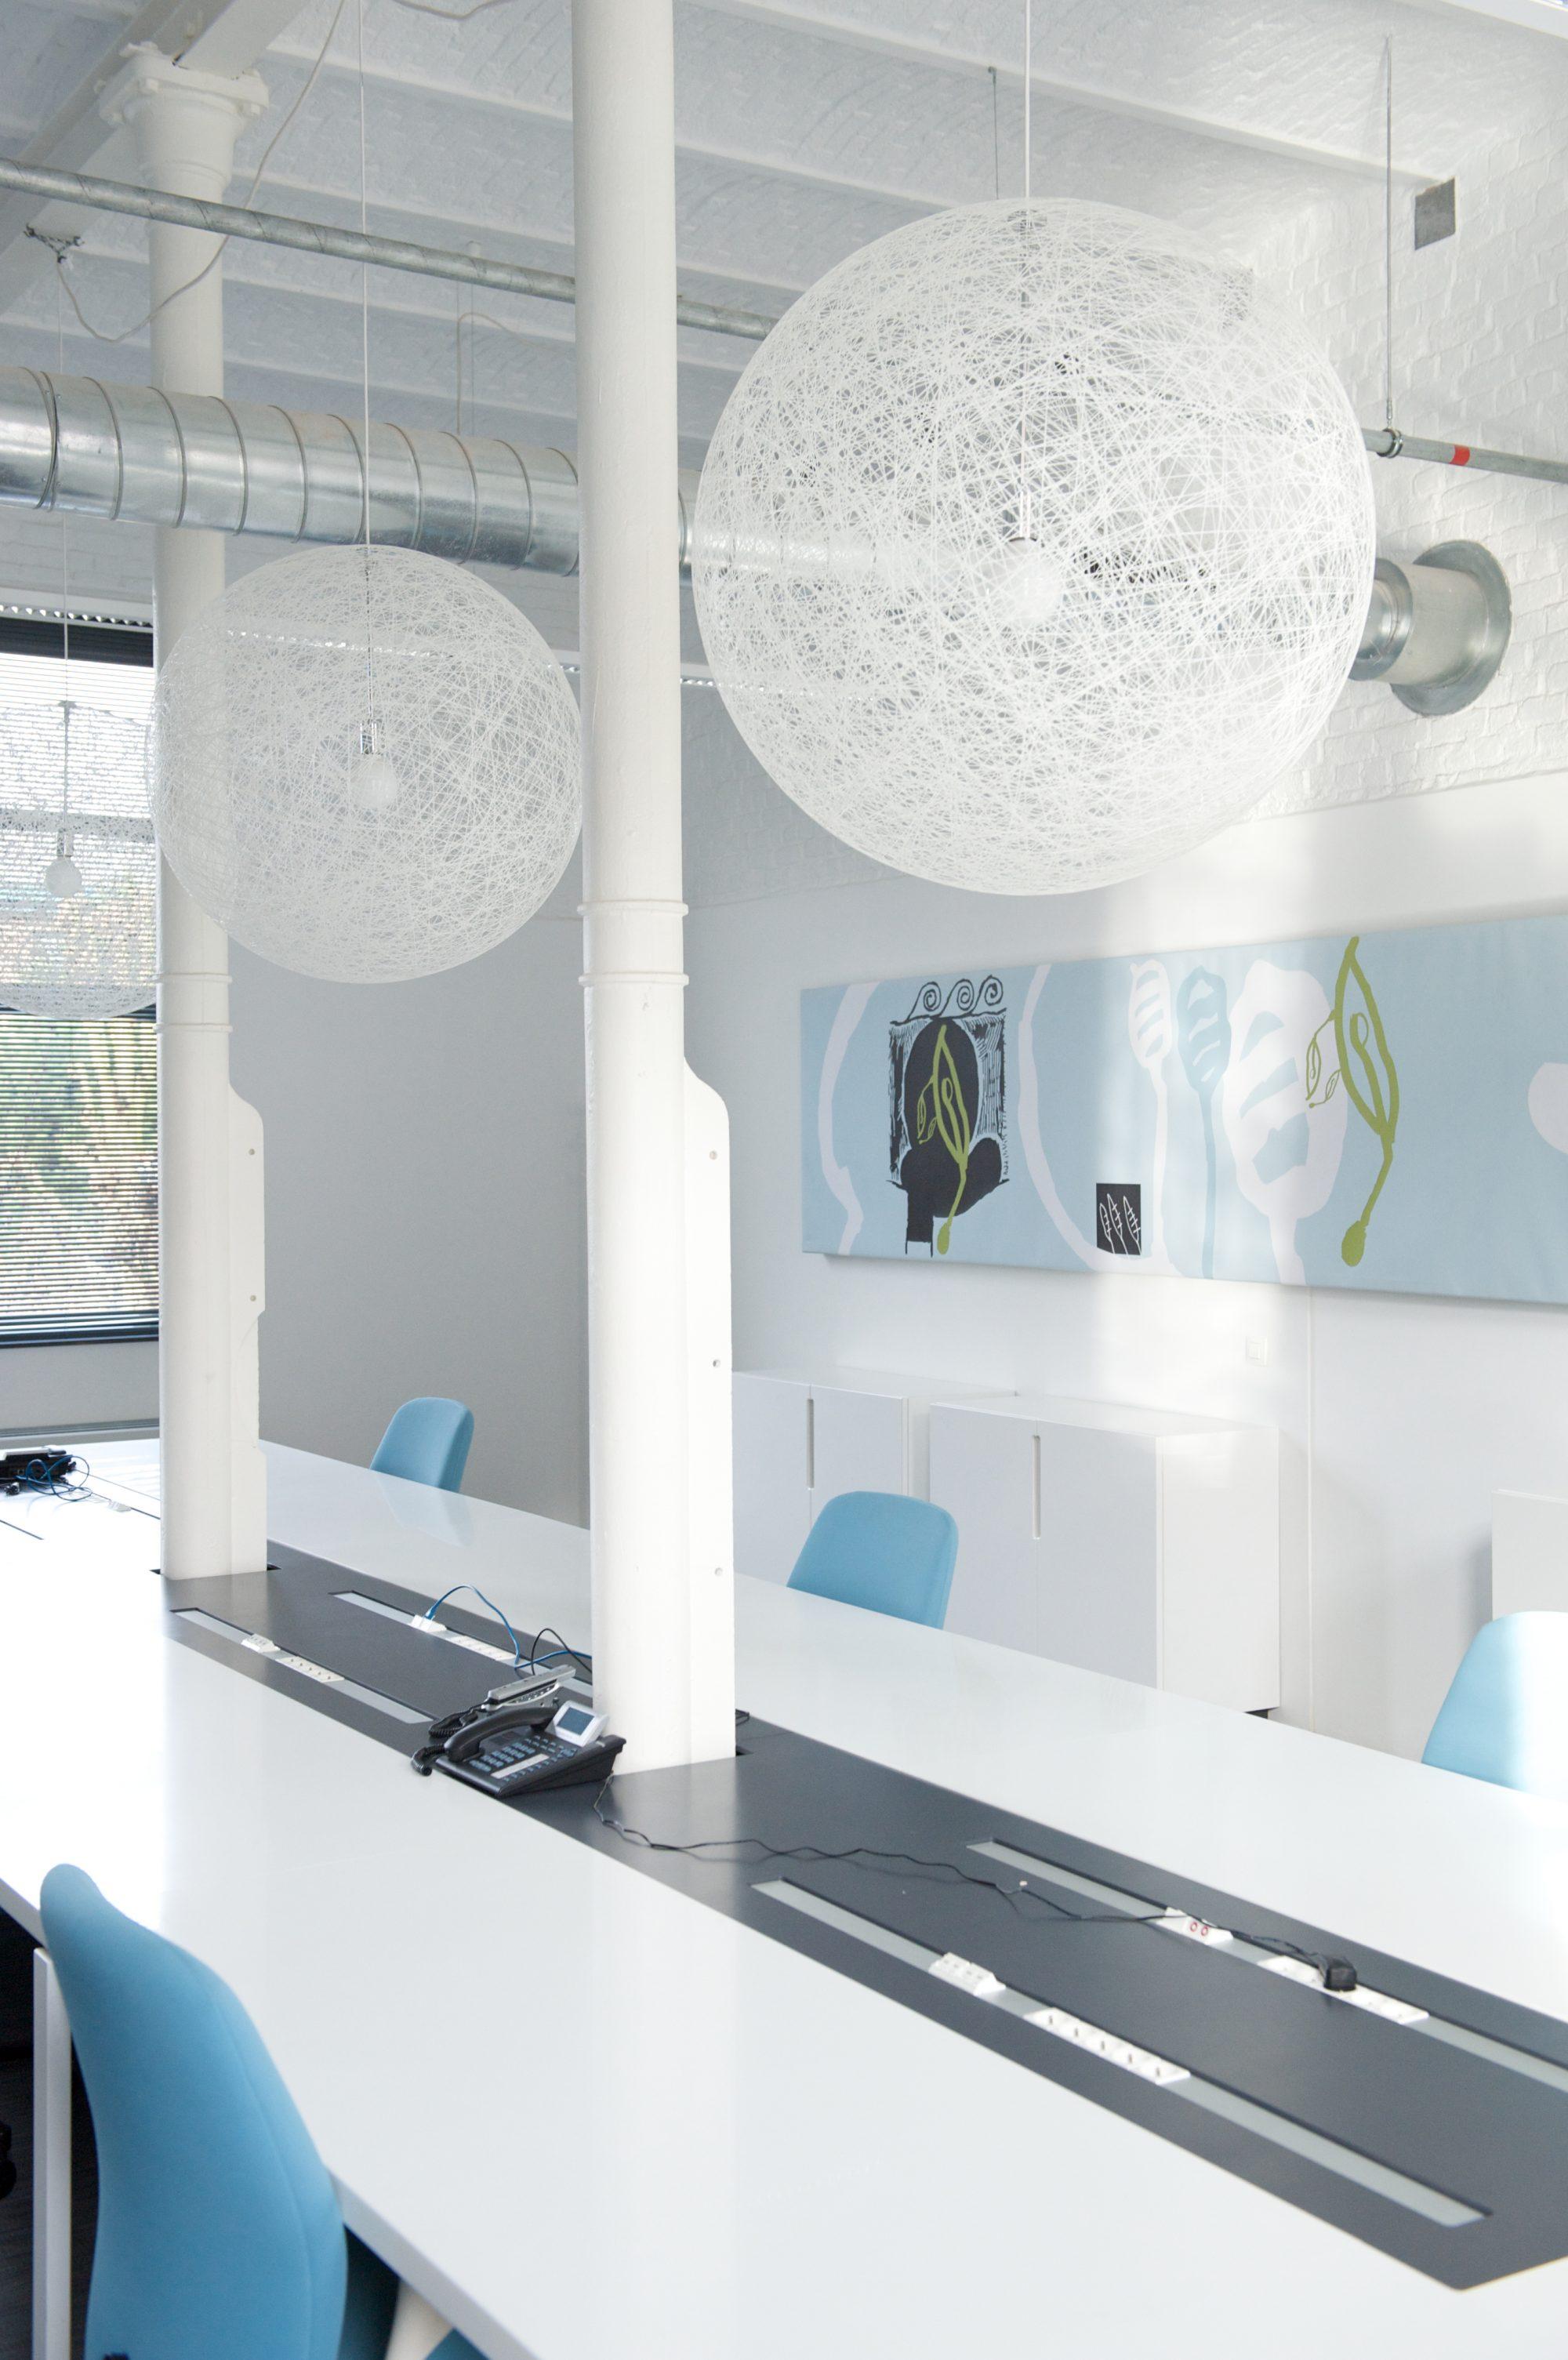 lange bureau met blauwe stoelen